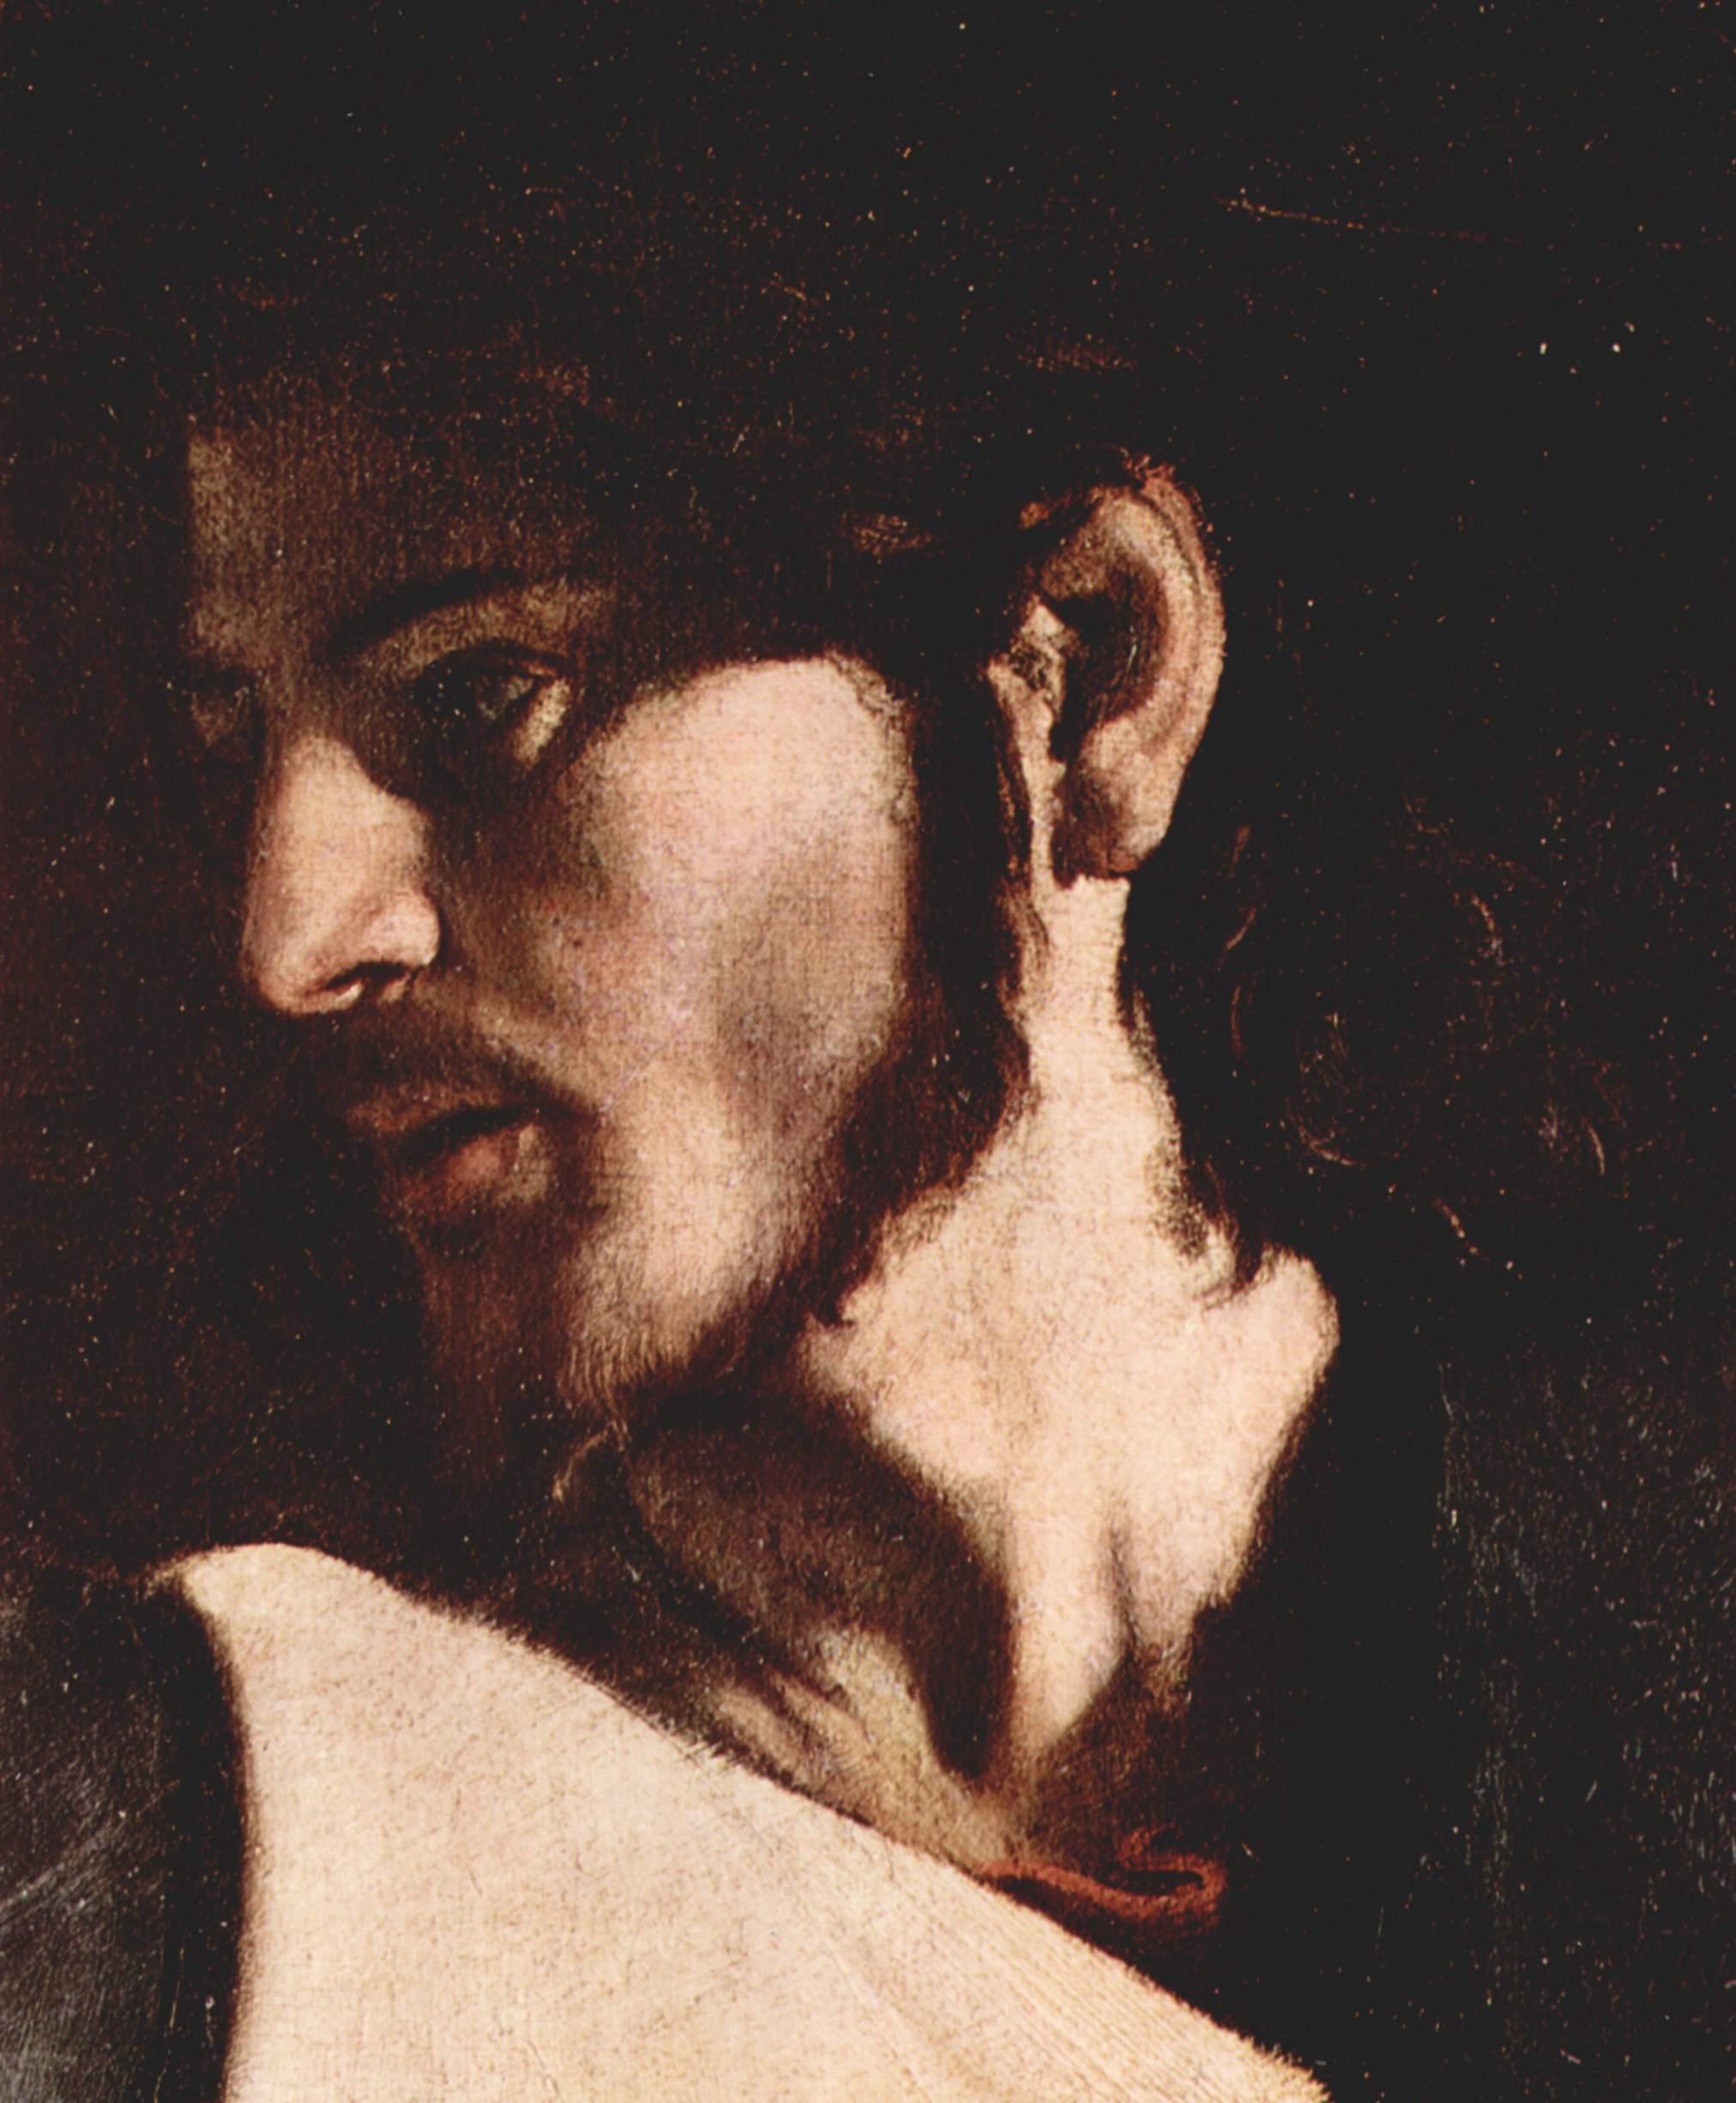 Картины из Капеллы Котарелли в Сан Луиджи ди Франчези в Риме, призвание св. Матфея. Деталь  Иисус, Микеланджело Меризи де Караваджо